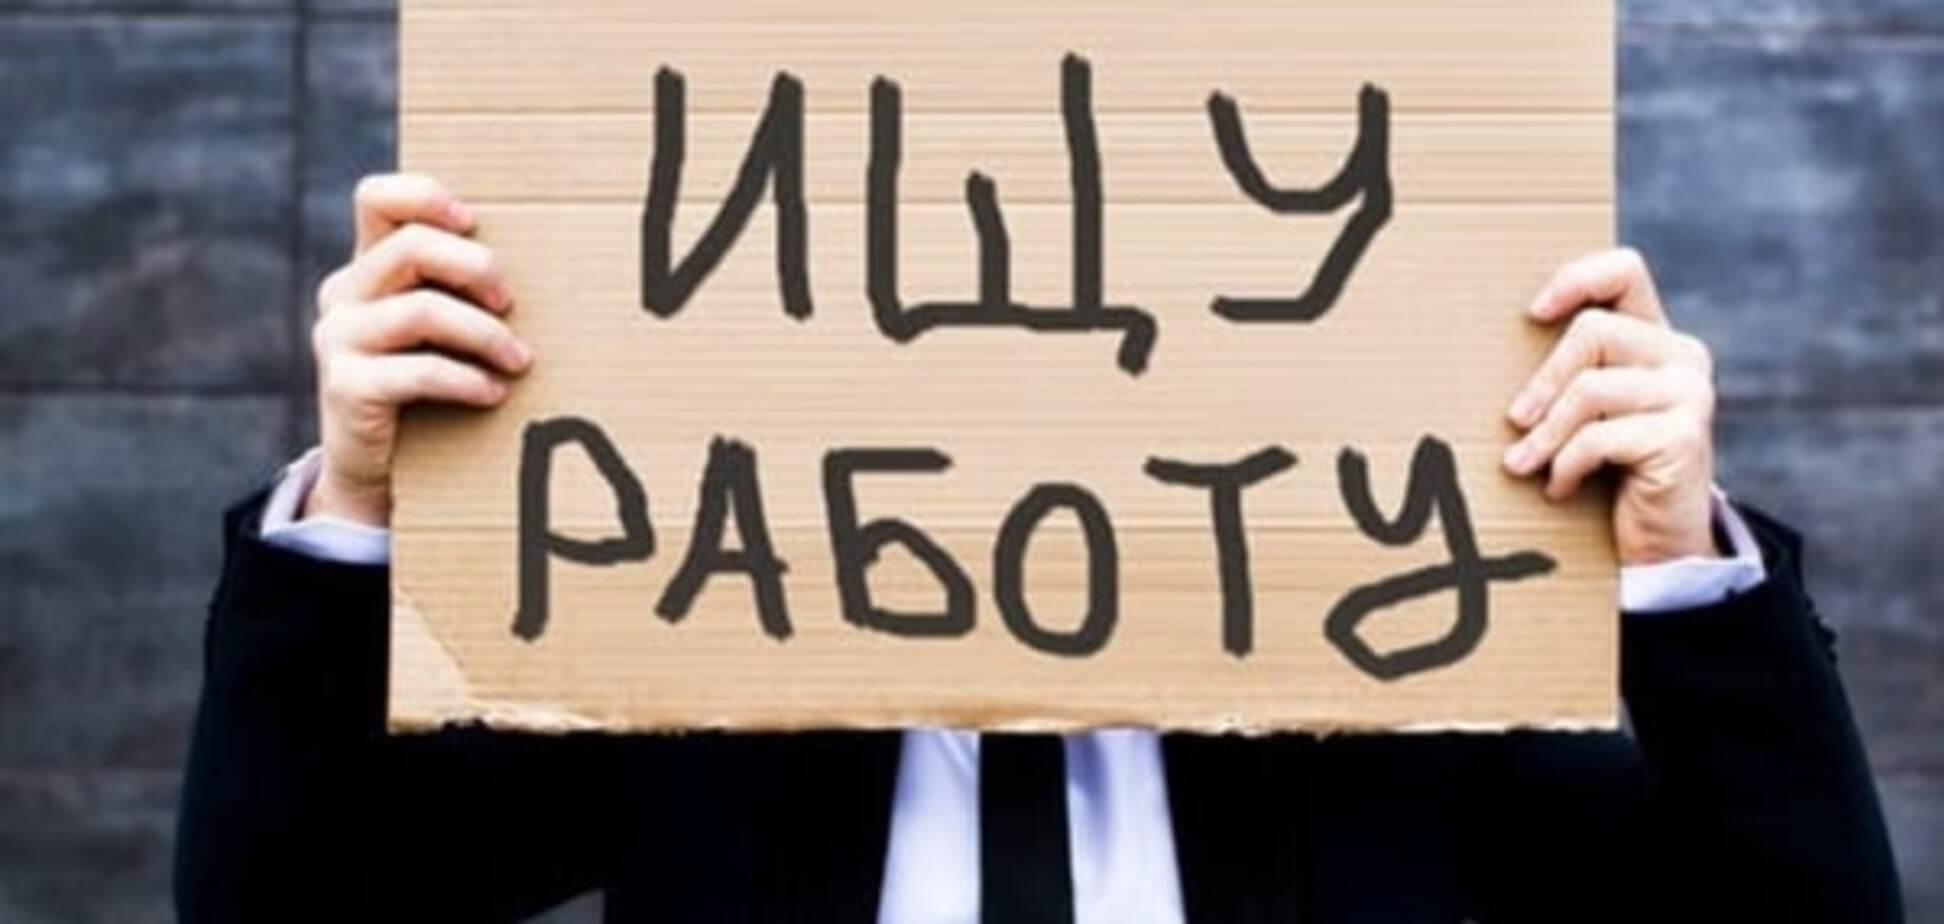 Ищу работу: украинцев массово увольняют с занимаемых должностей. Инфографика